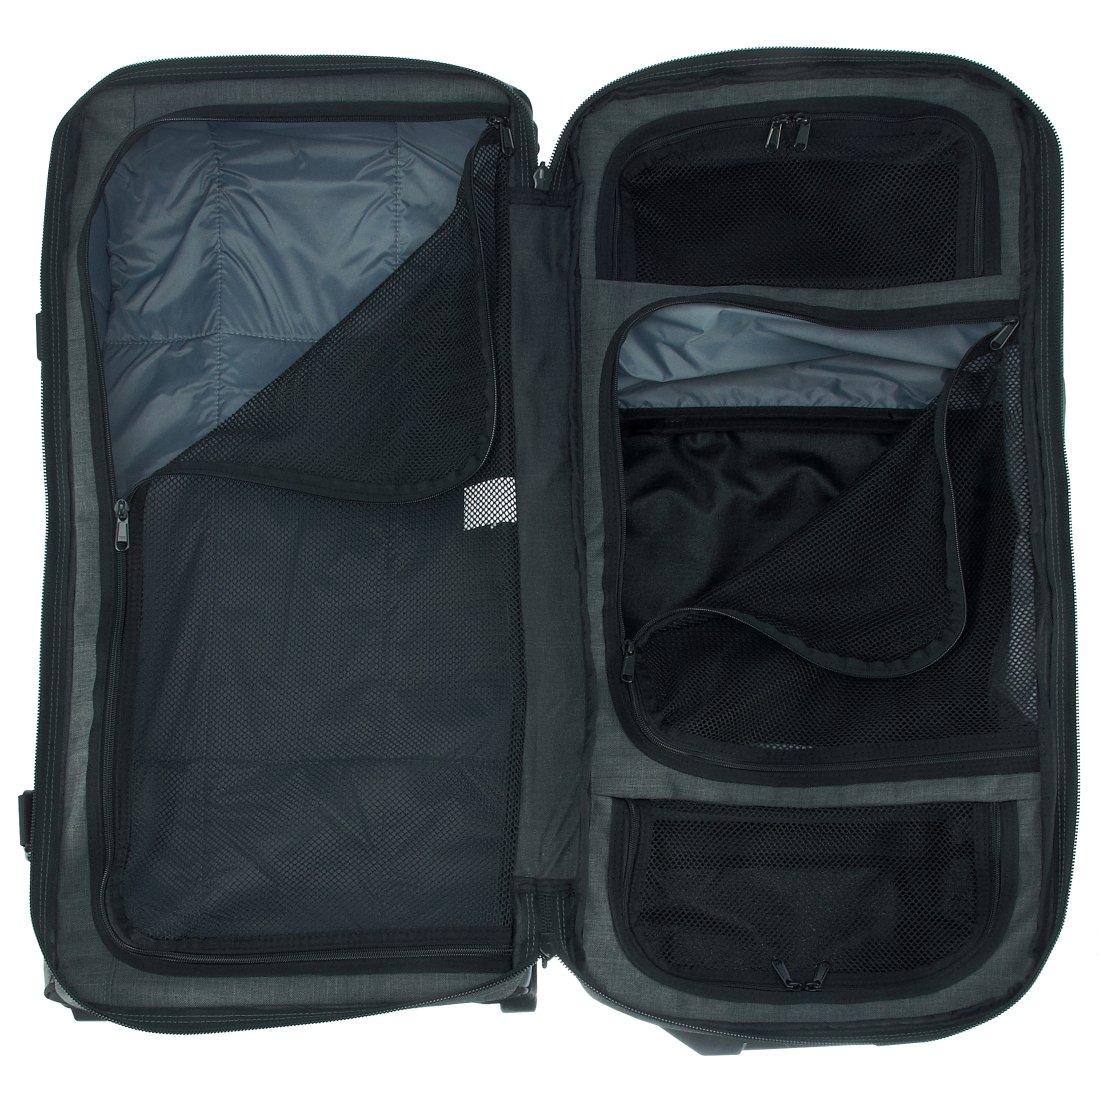 f900e9e0659dc Dakine Boys Packs Split Roller Rollreisetasche 76 cm - glisan. Previous